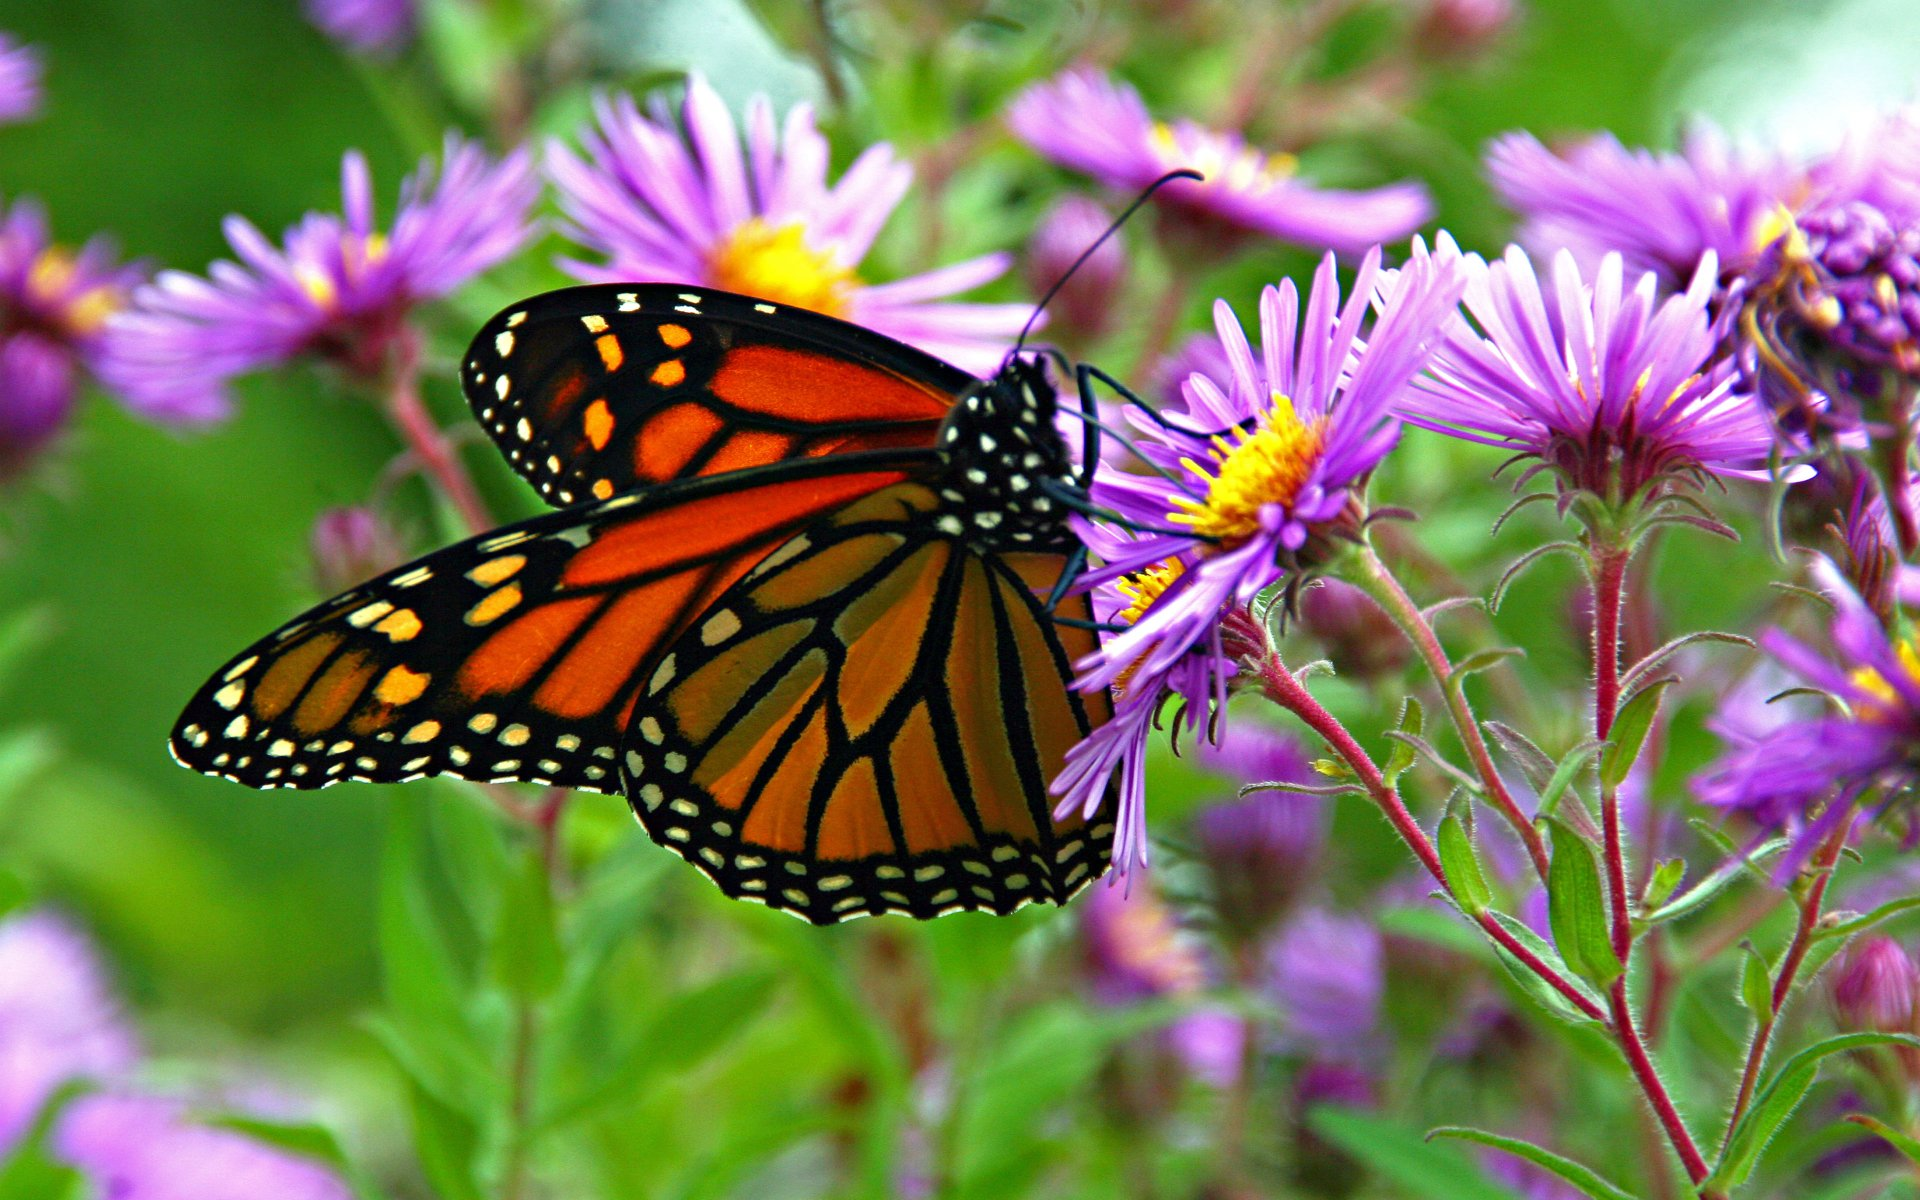 Monarch Butterfly 4k Ultra HD Wallpaper | Background Image ...